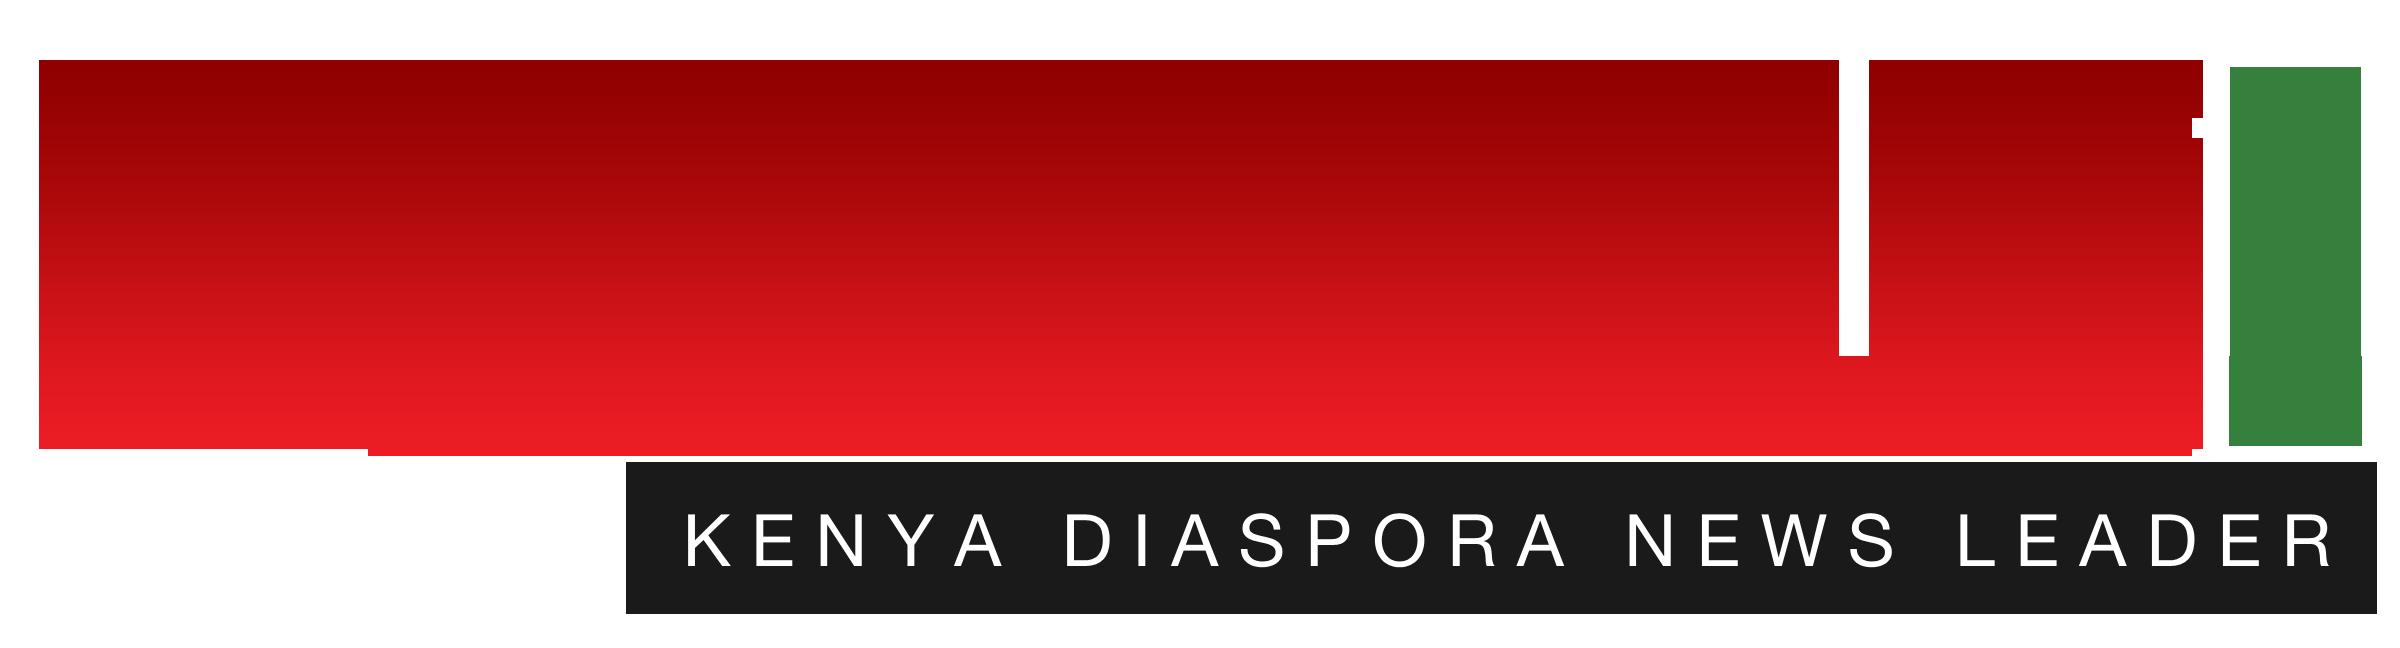 mwakilishi.com